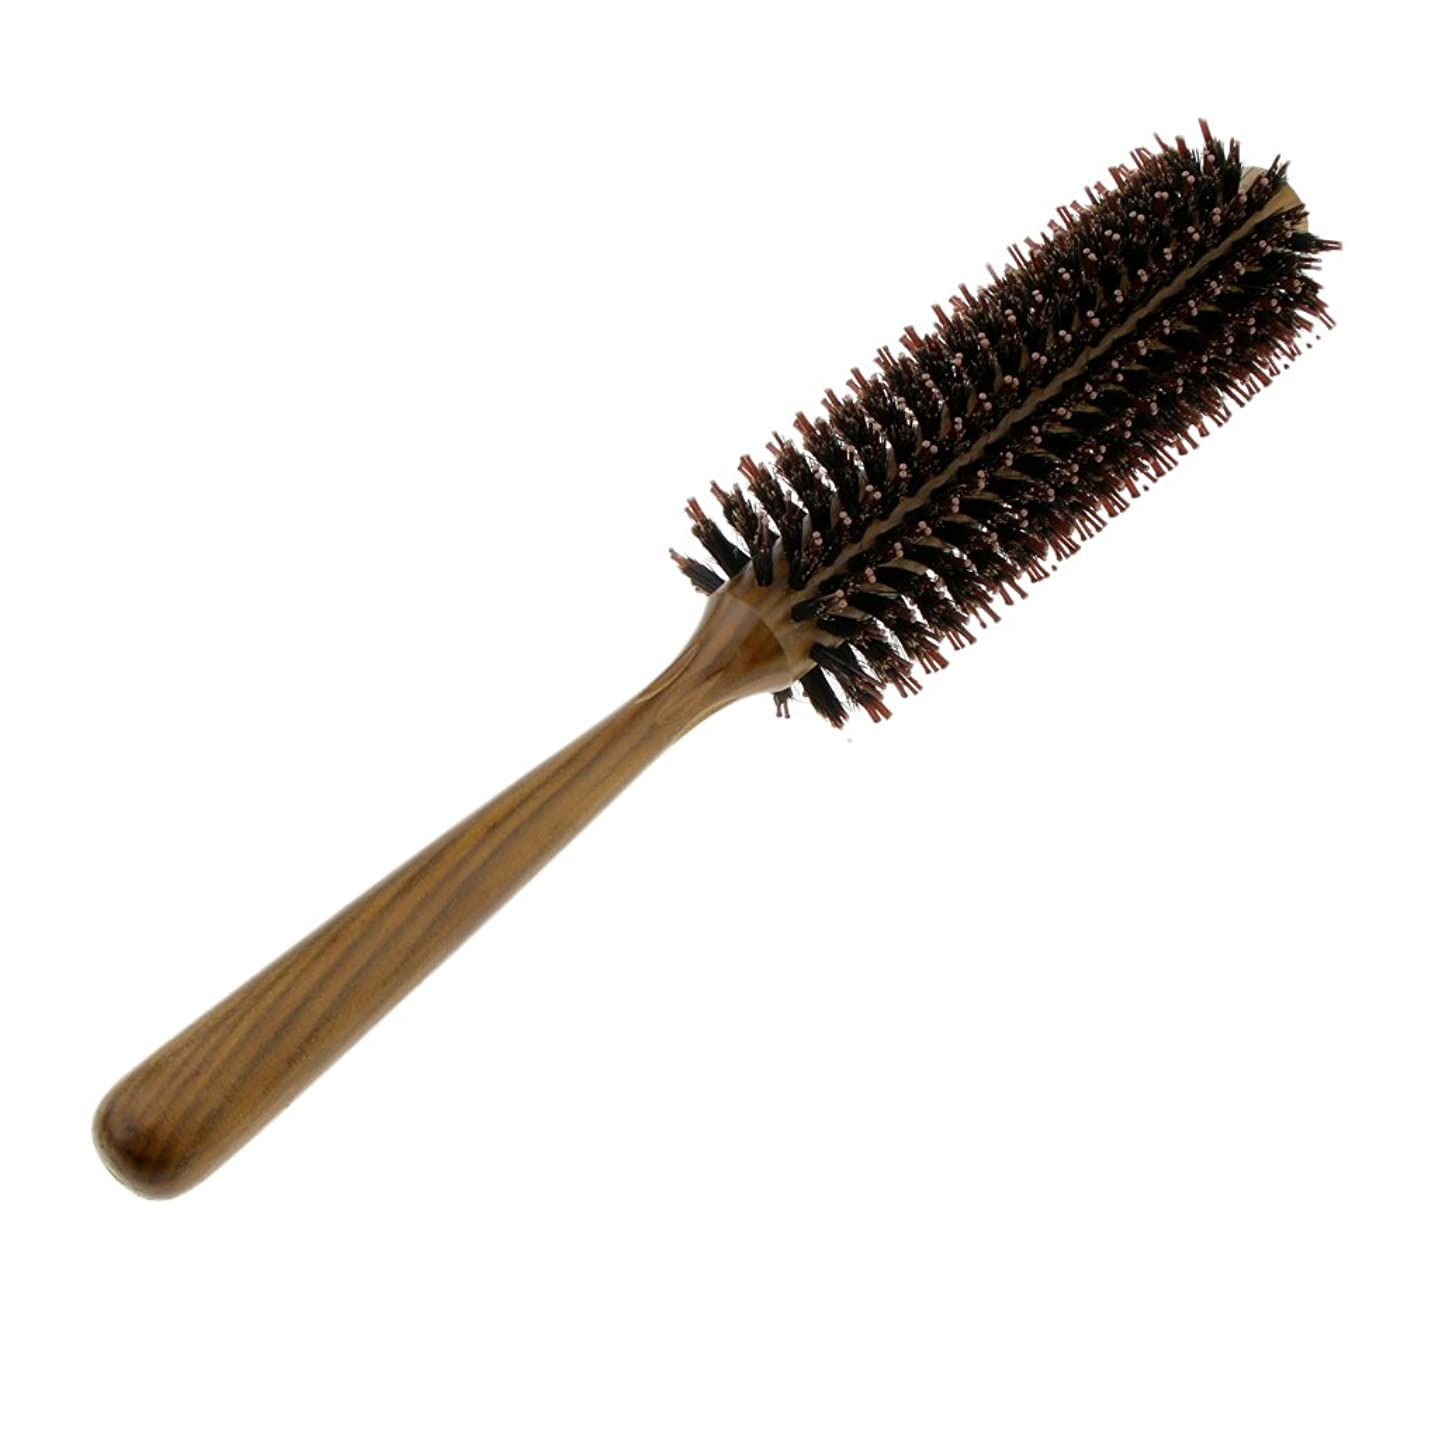 焦げ取得潤滑するFenteer ロールブラシ ヘアブラシ コーム ヘアスタイリング 櫛 くし カール 巻き髪 3サイズ選べる - M